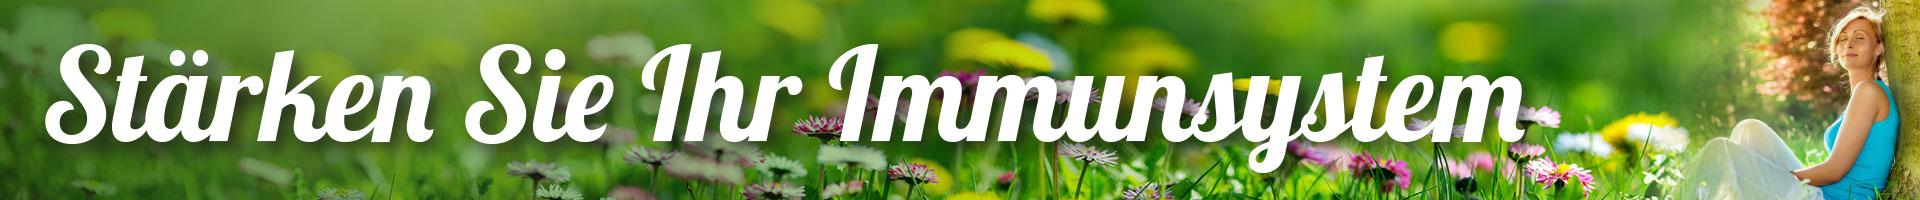 Stärken Sie Ihr Immunsystem